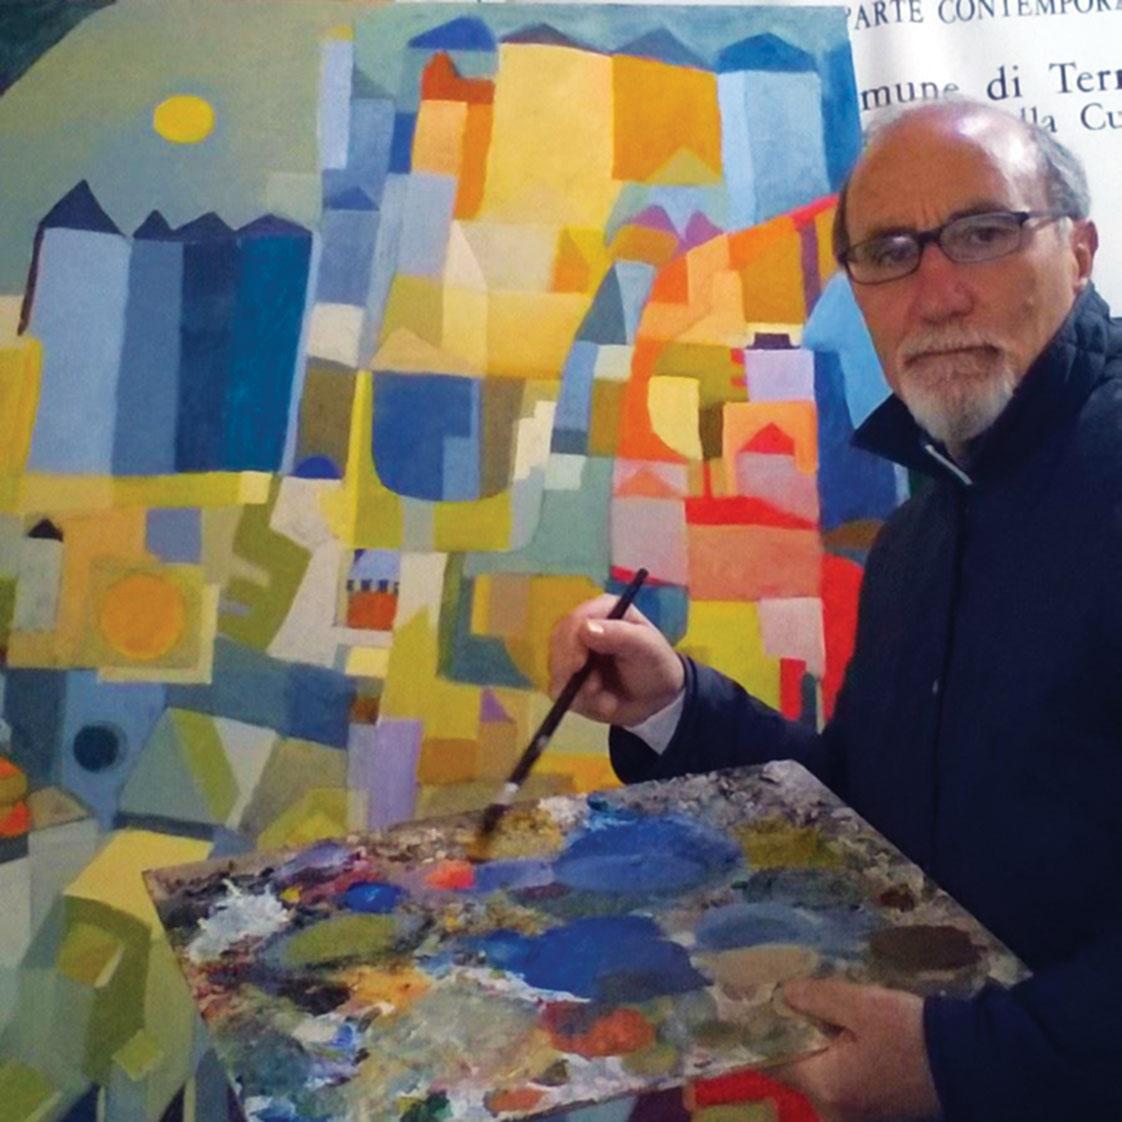 Intervista a Renato Marini, artista e operatore culturale